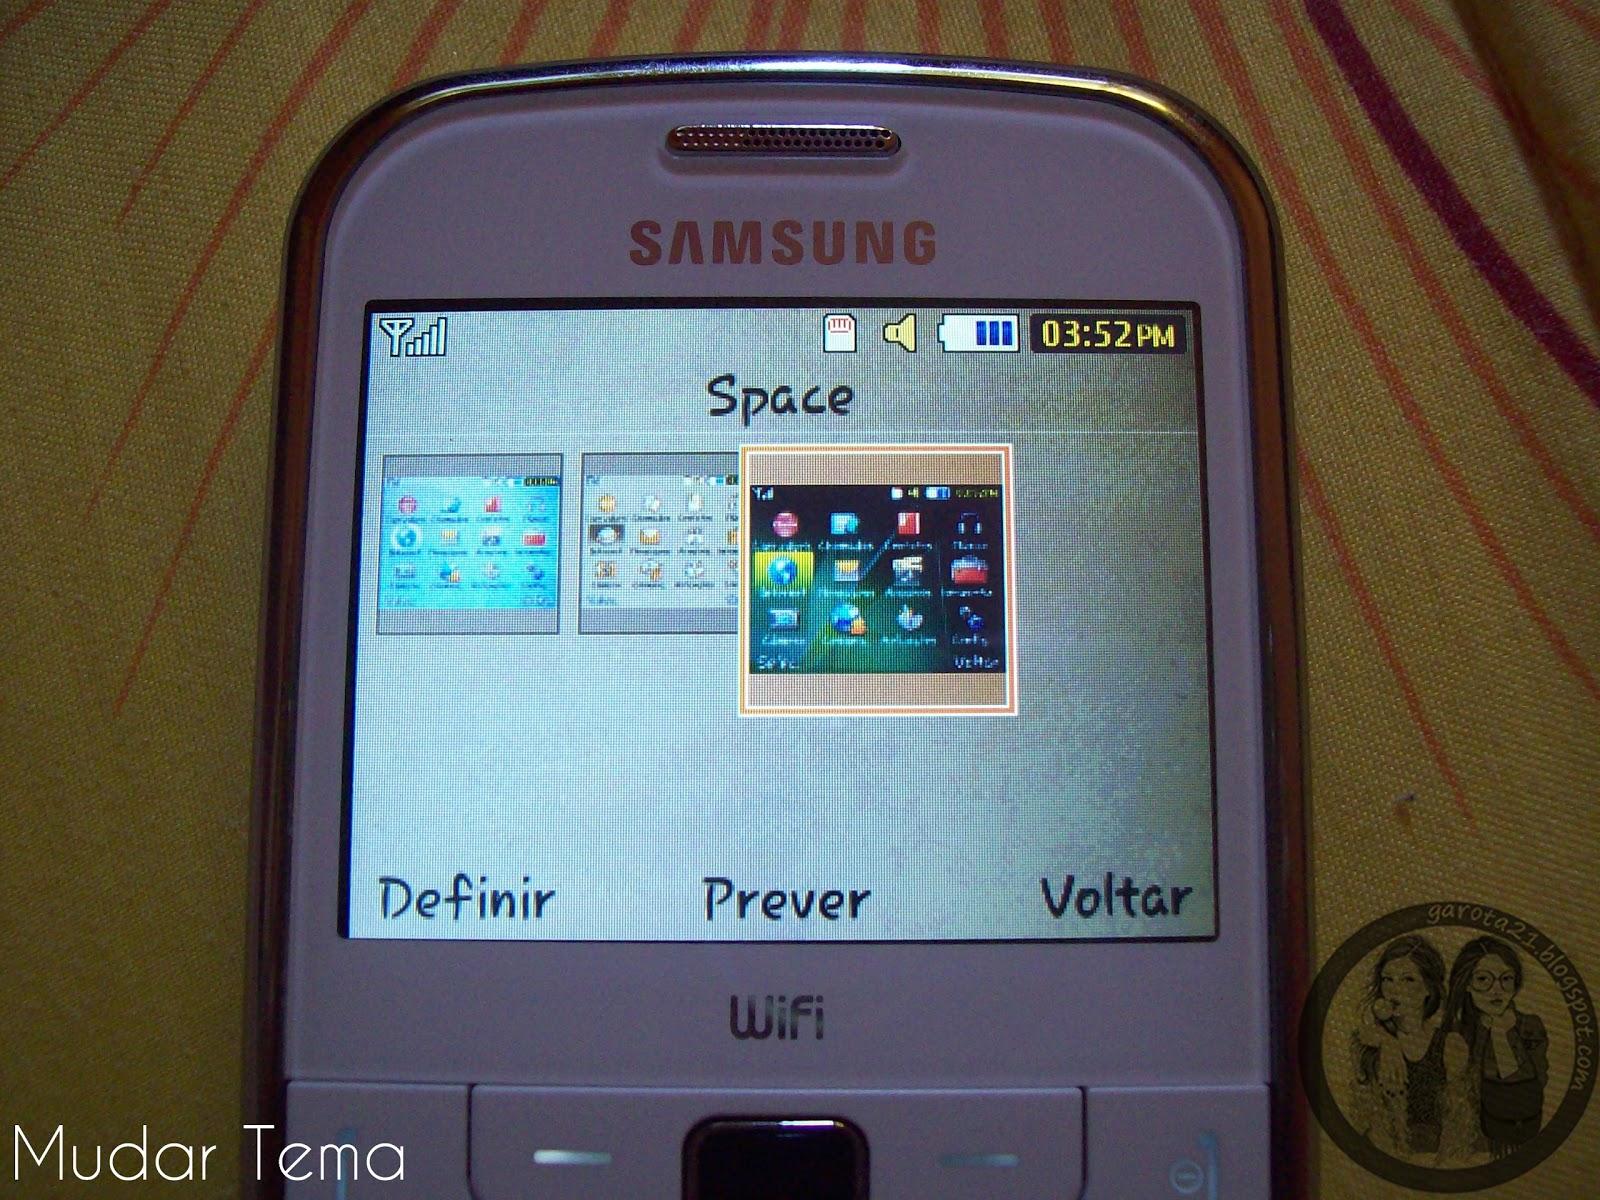 Baixar papel de parede para celular gratis Imagens para  - imagens de celular samsung